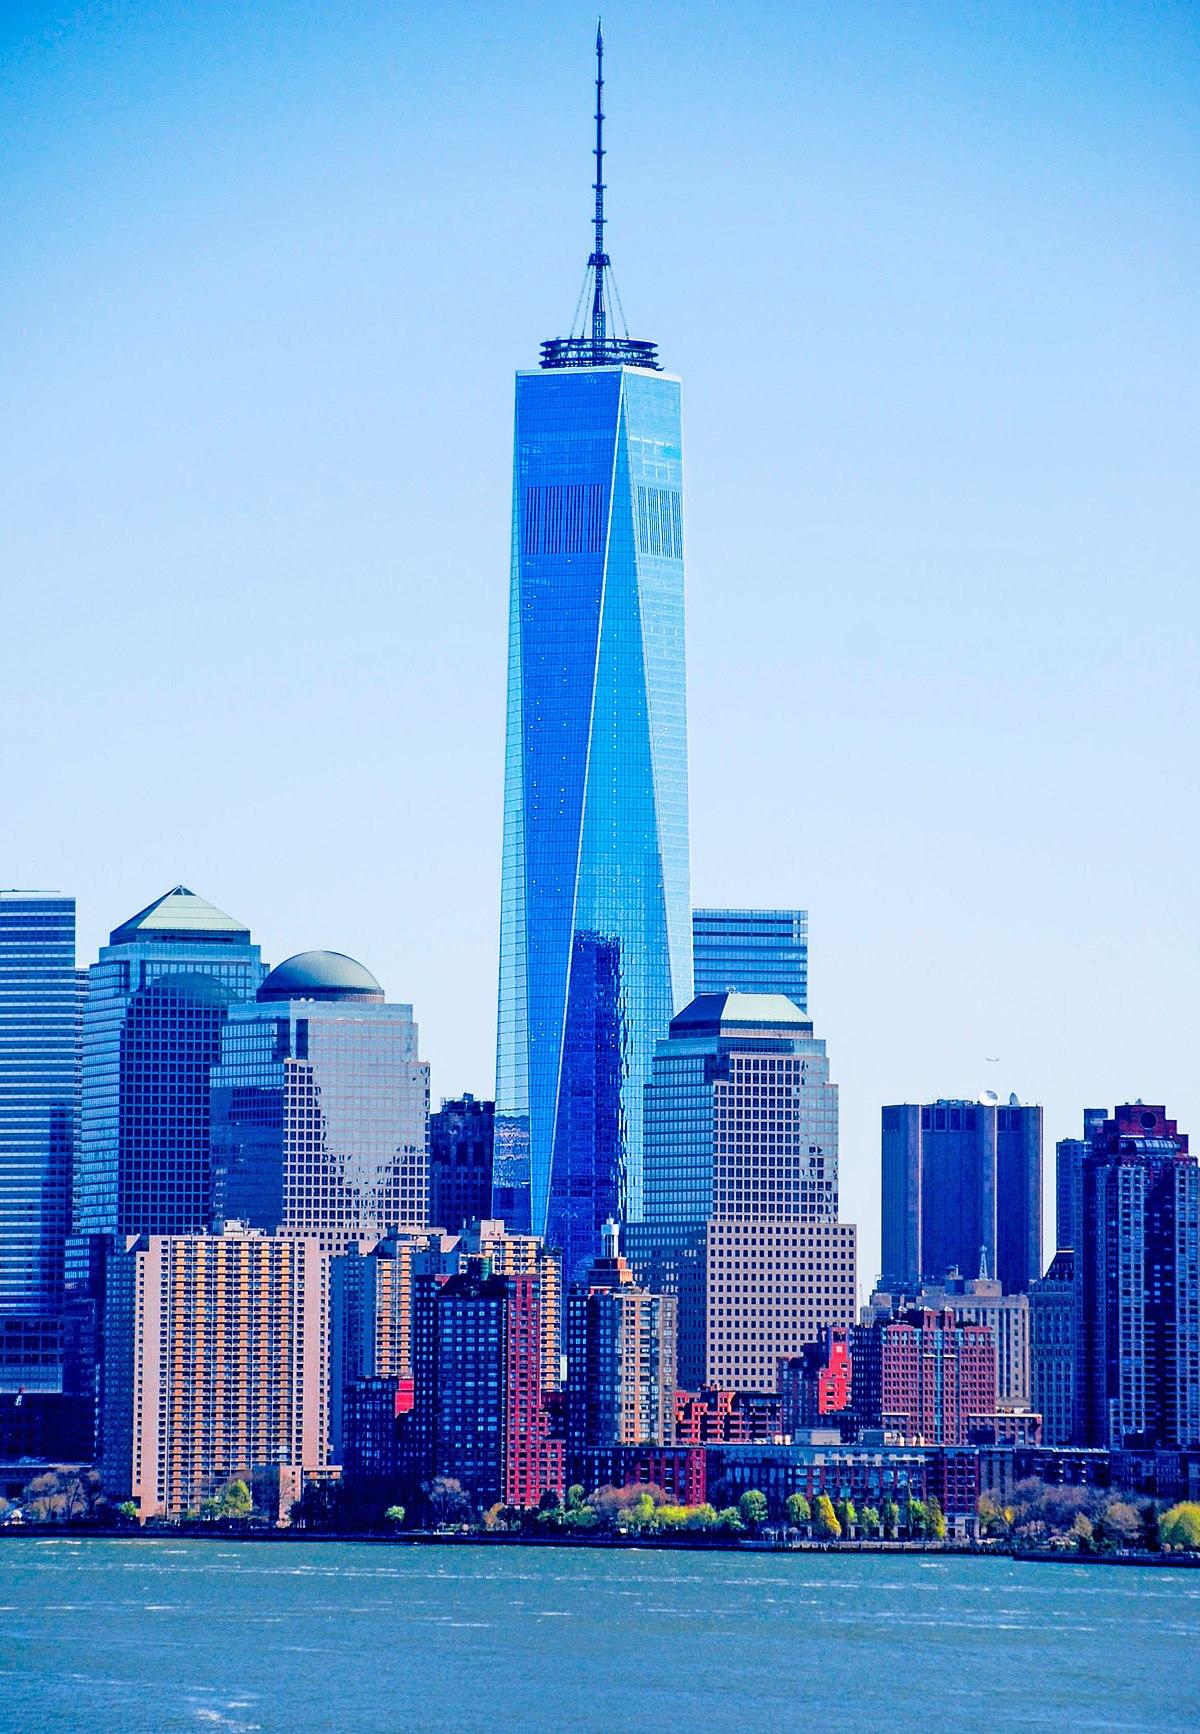 luettelo yhdysvaltain korkeimmista rakennuksista � wikipedia